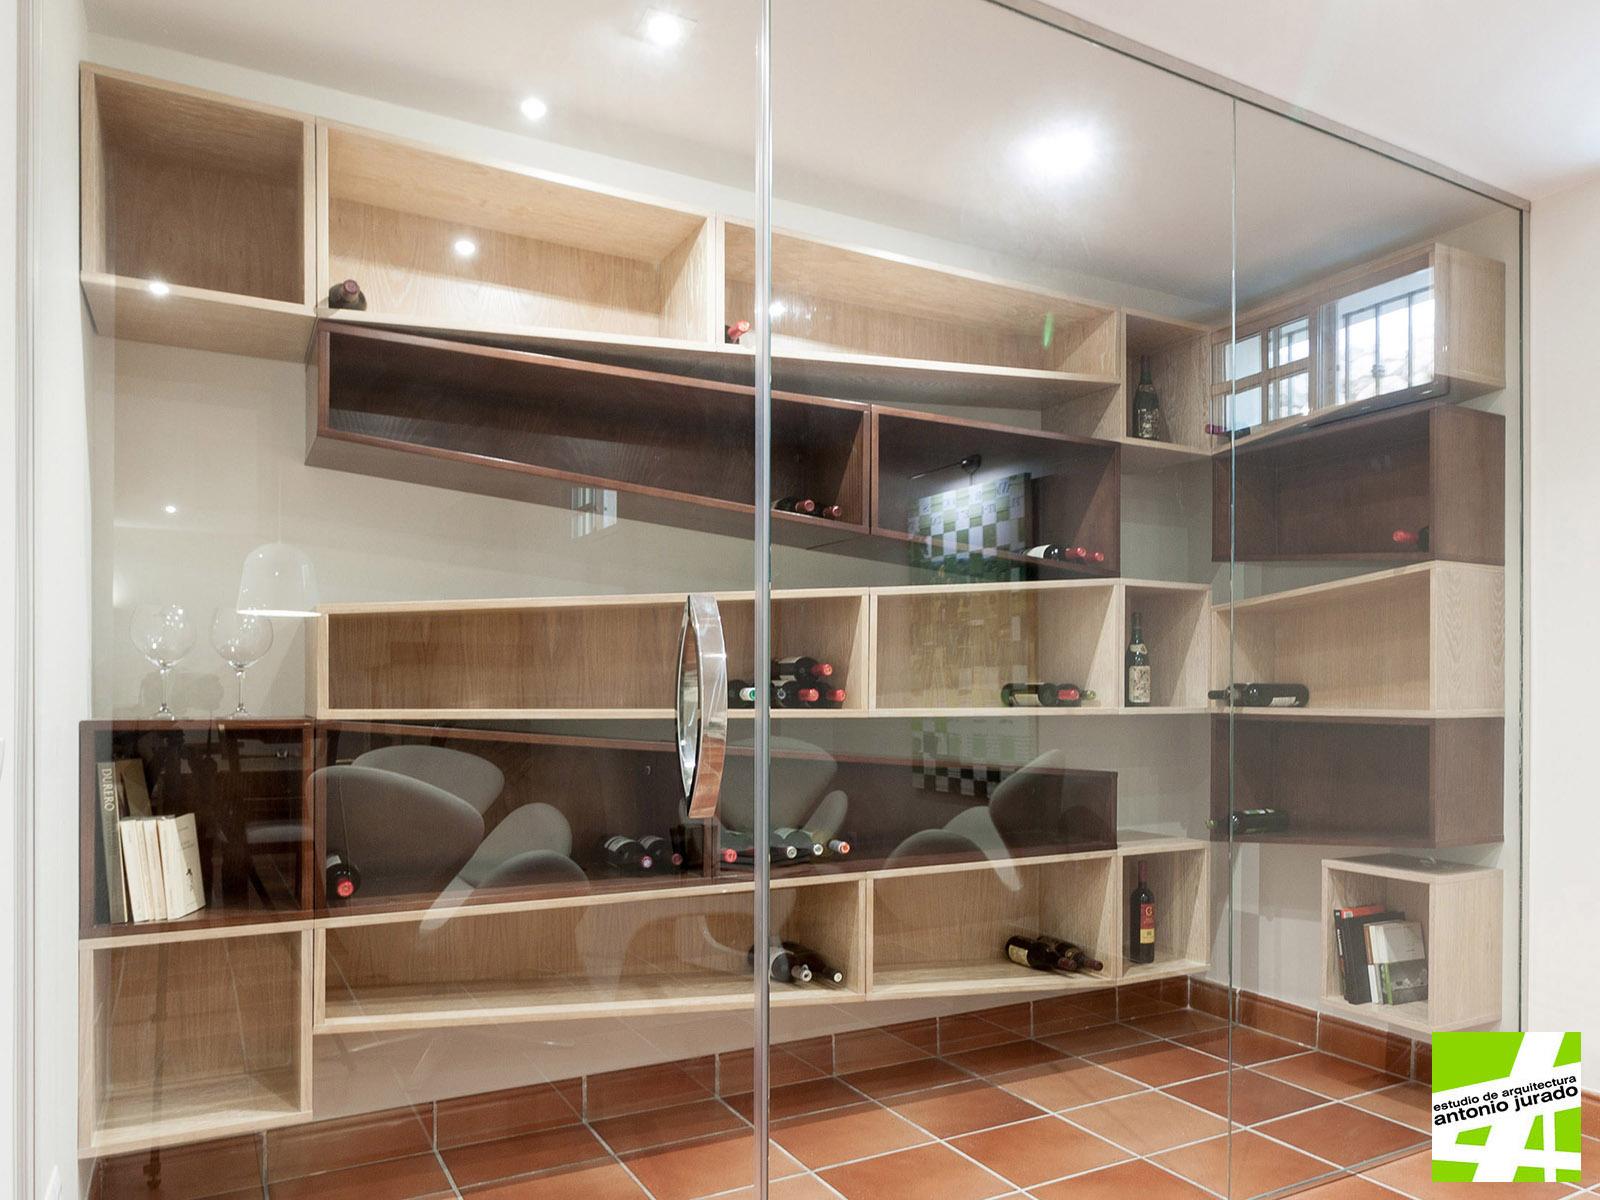 diseño-mobiliario-bodega-interiorismo-vivienda-torrox-park-malaga-antonio-jurado-arquitecto-033